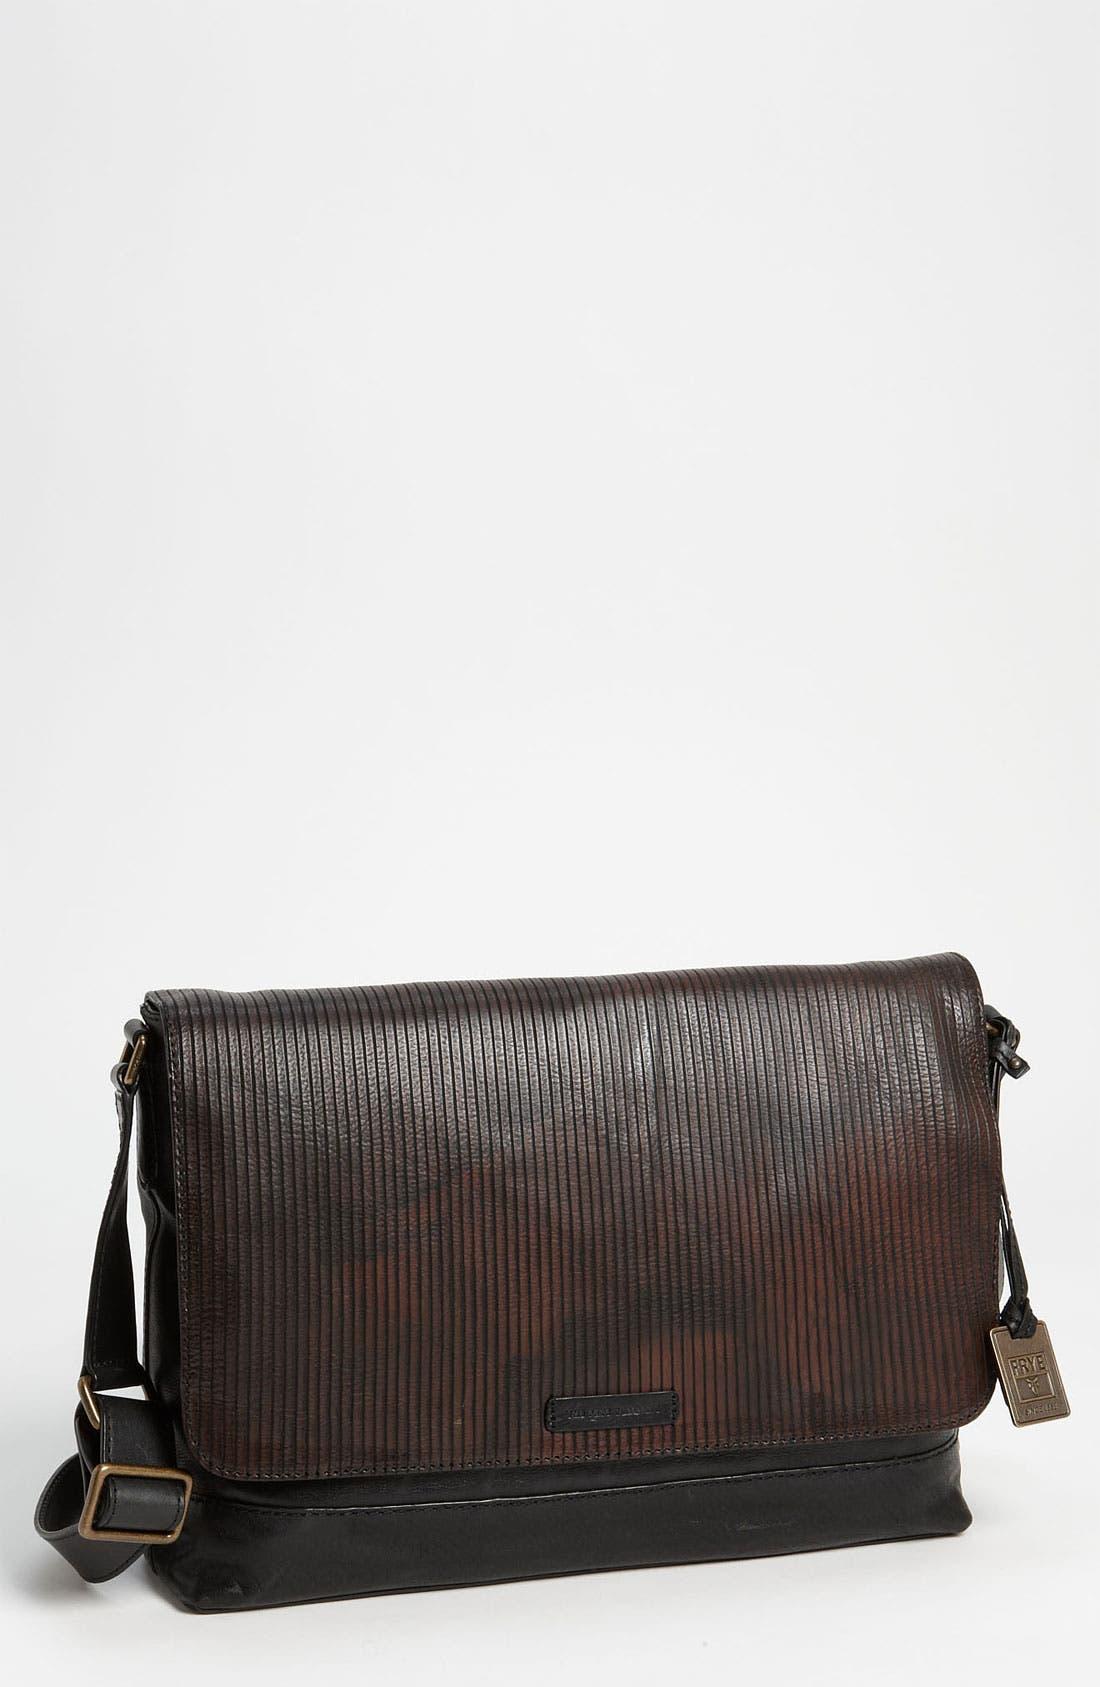 Alternate Image 1 Selected - Frye 'James' Leather Messenger Bag